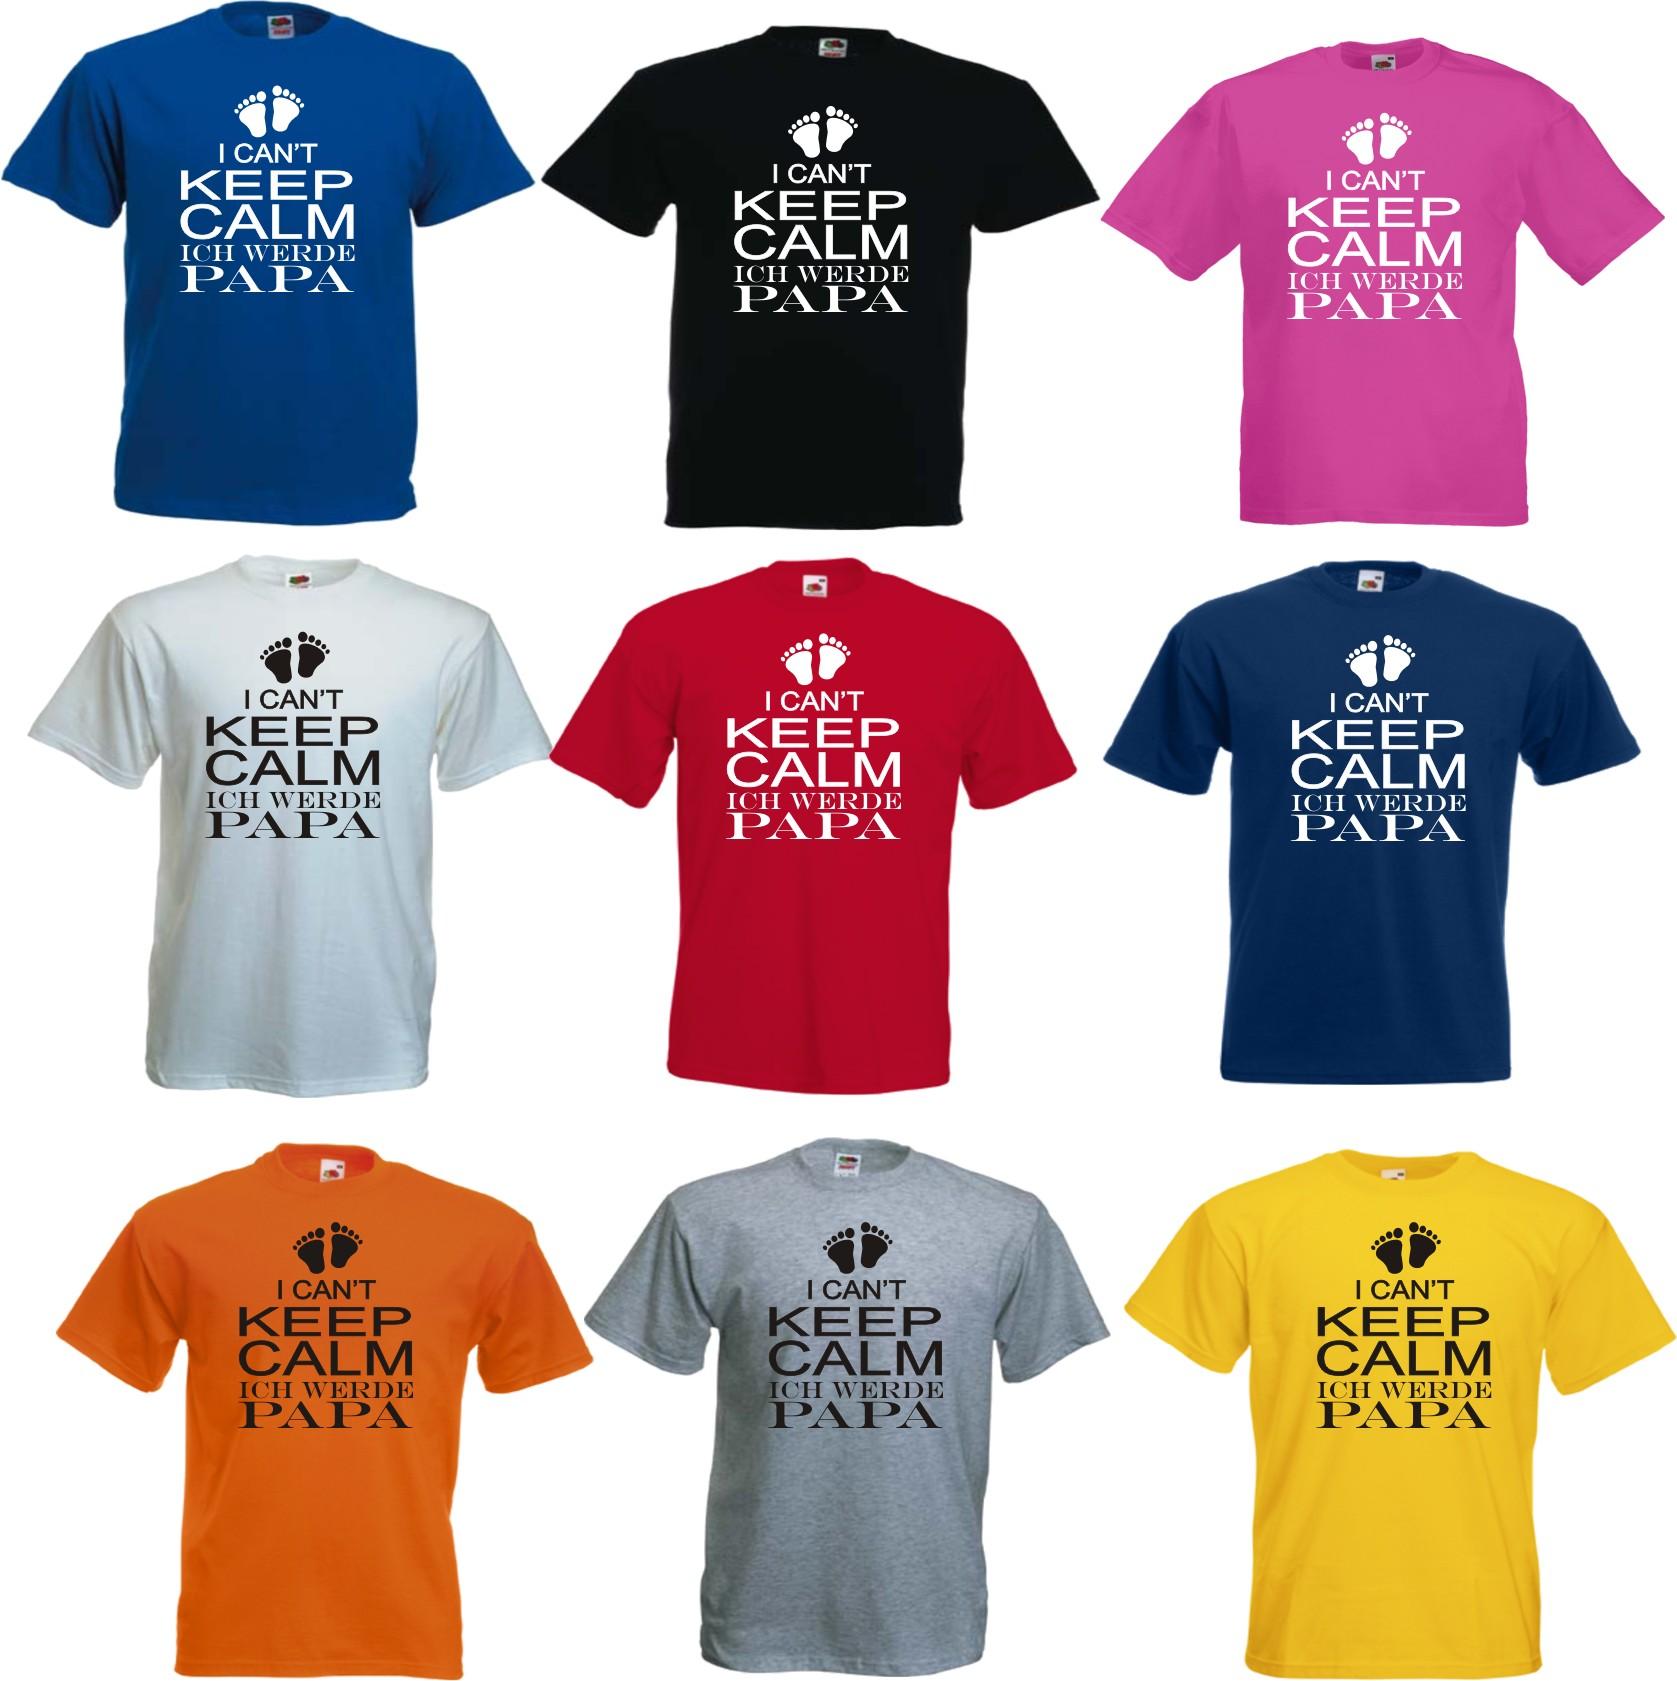 Keep_Calm_papa_alle_farben.jpg